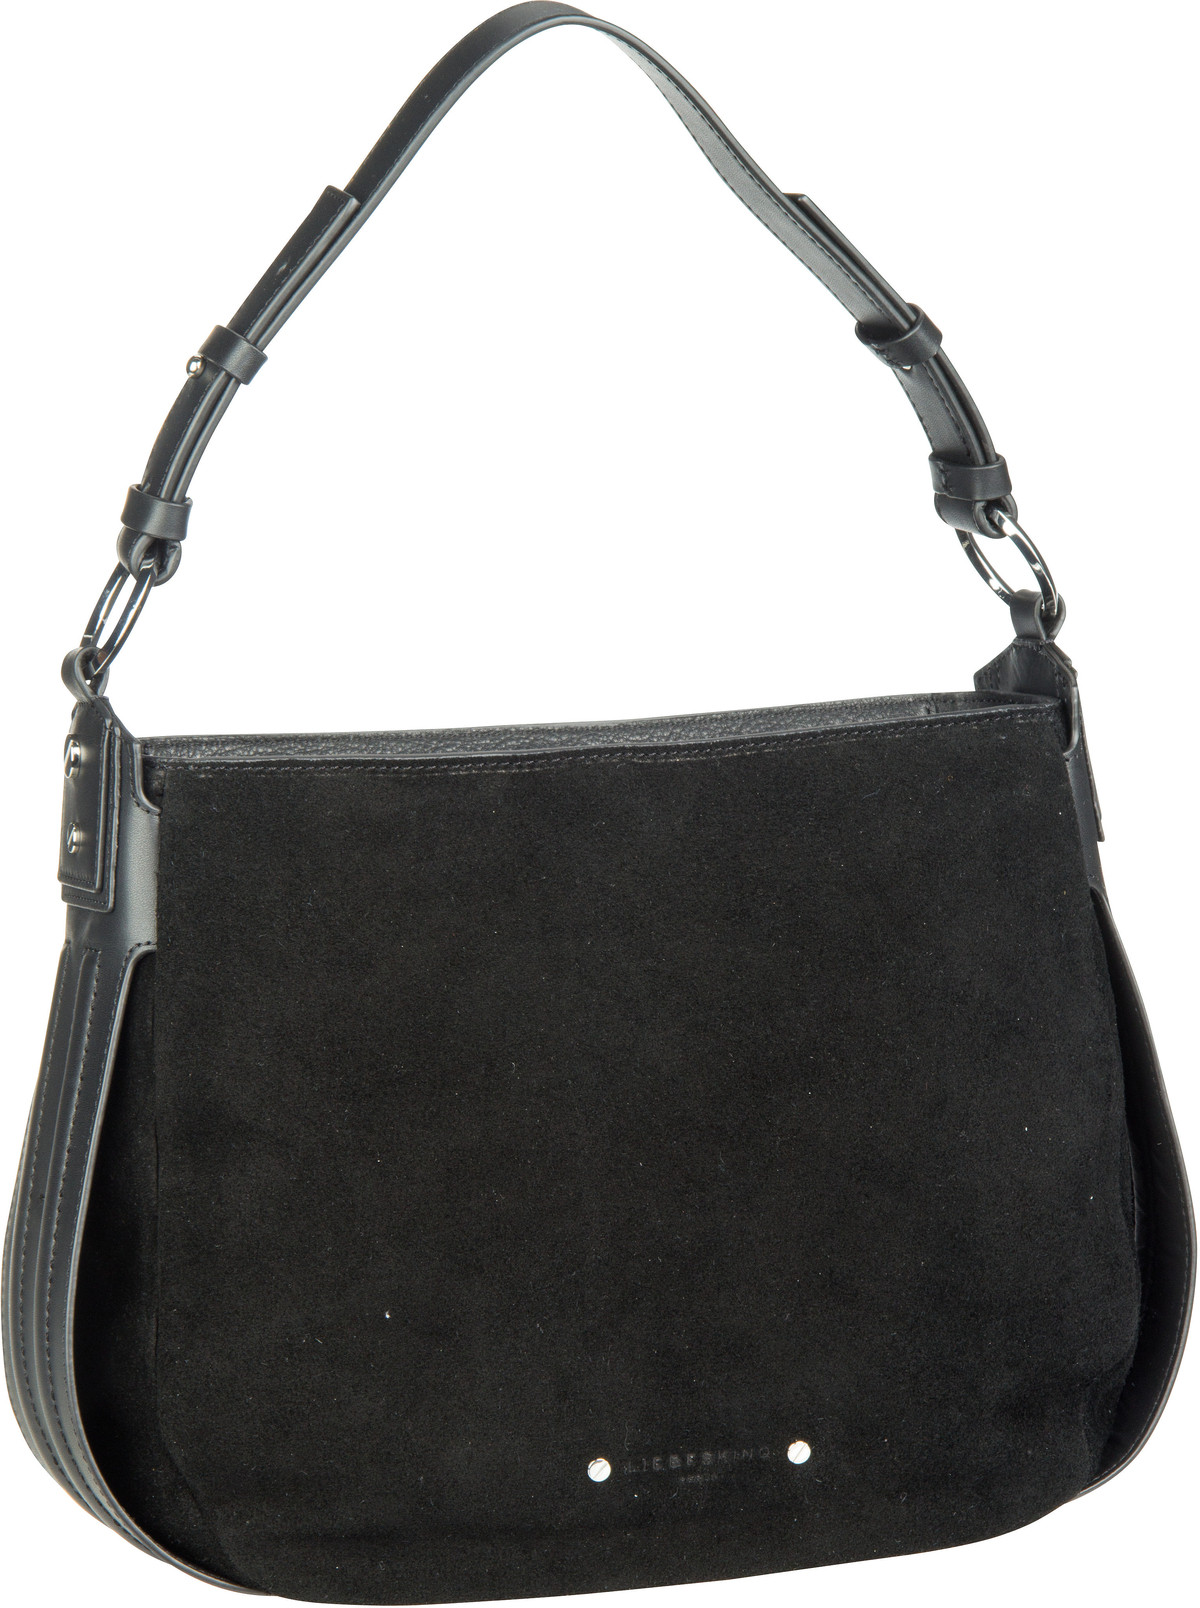 Berlin Handtasche Double Pipe Hobo S Black